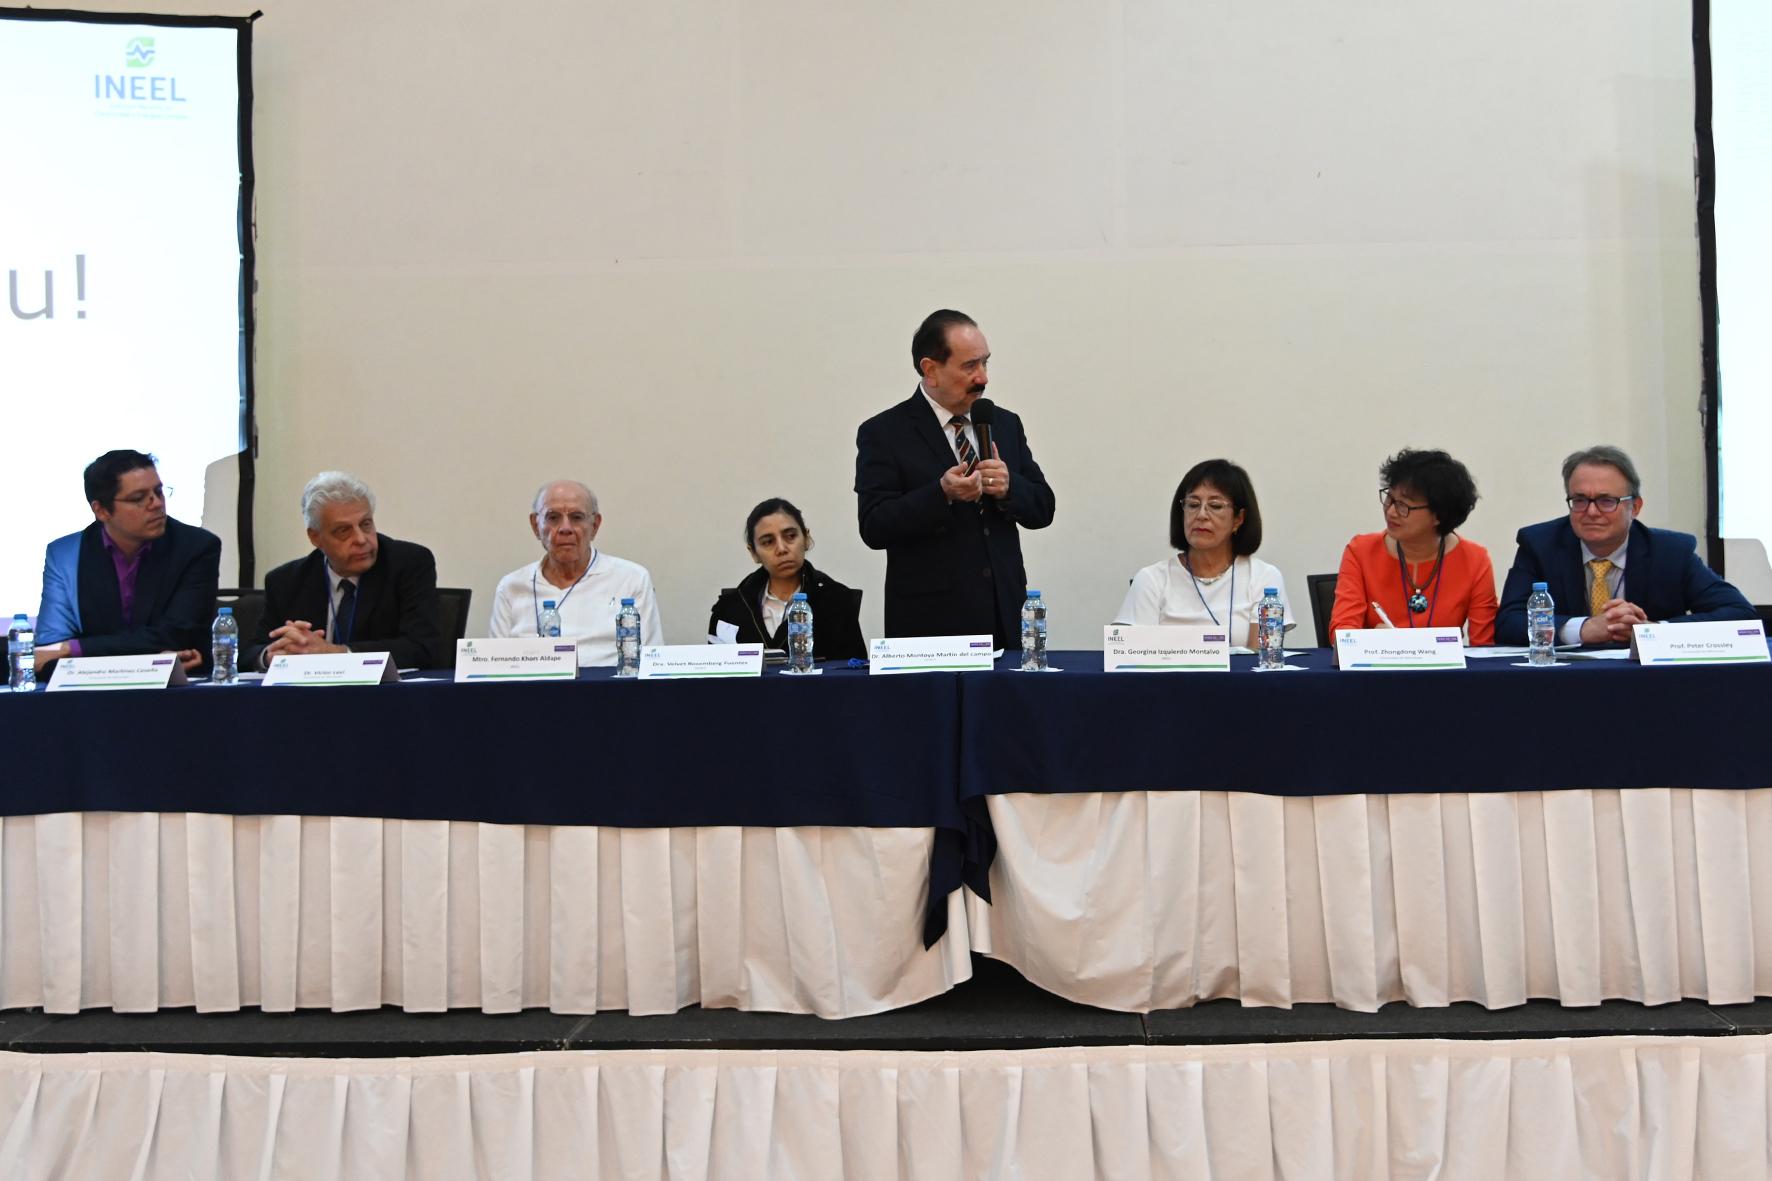 Por la Secretaría de Energía el Dr. Alberto Montoya y la Dra. Velvet Rosemberg.